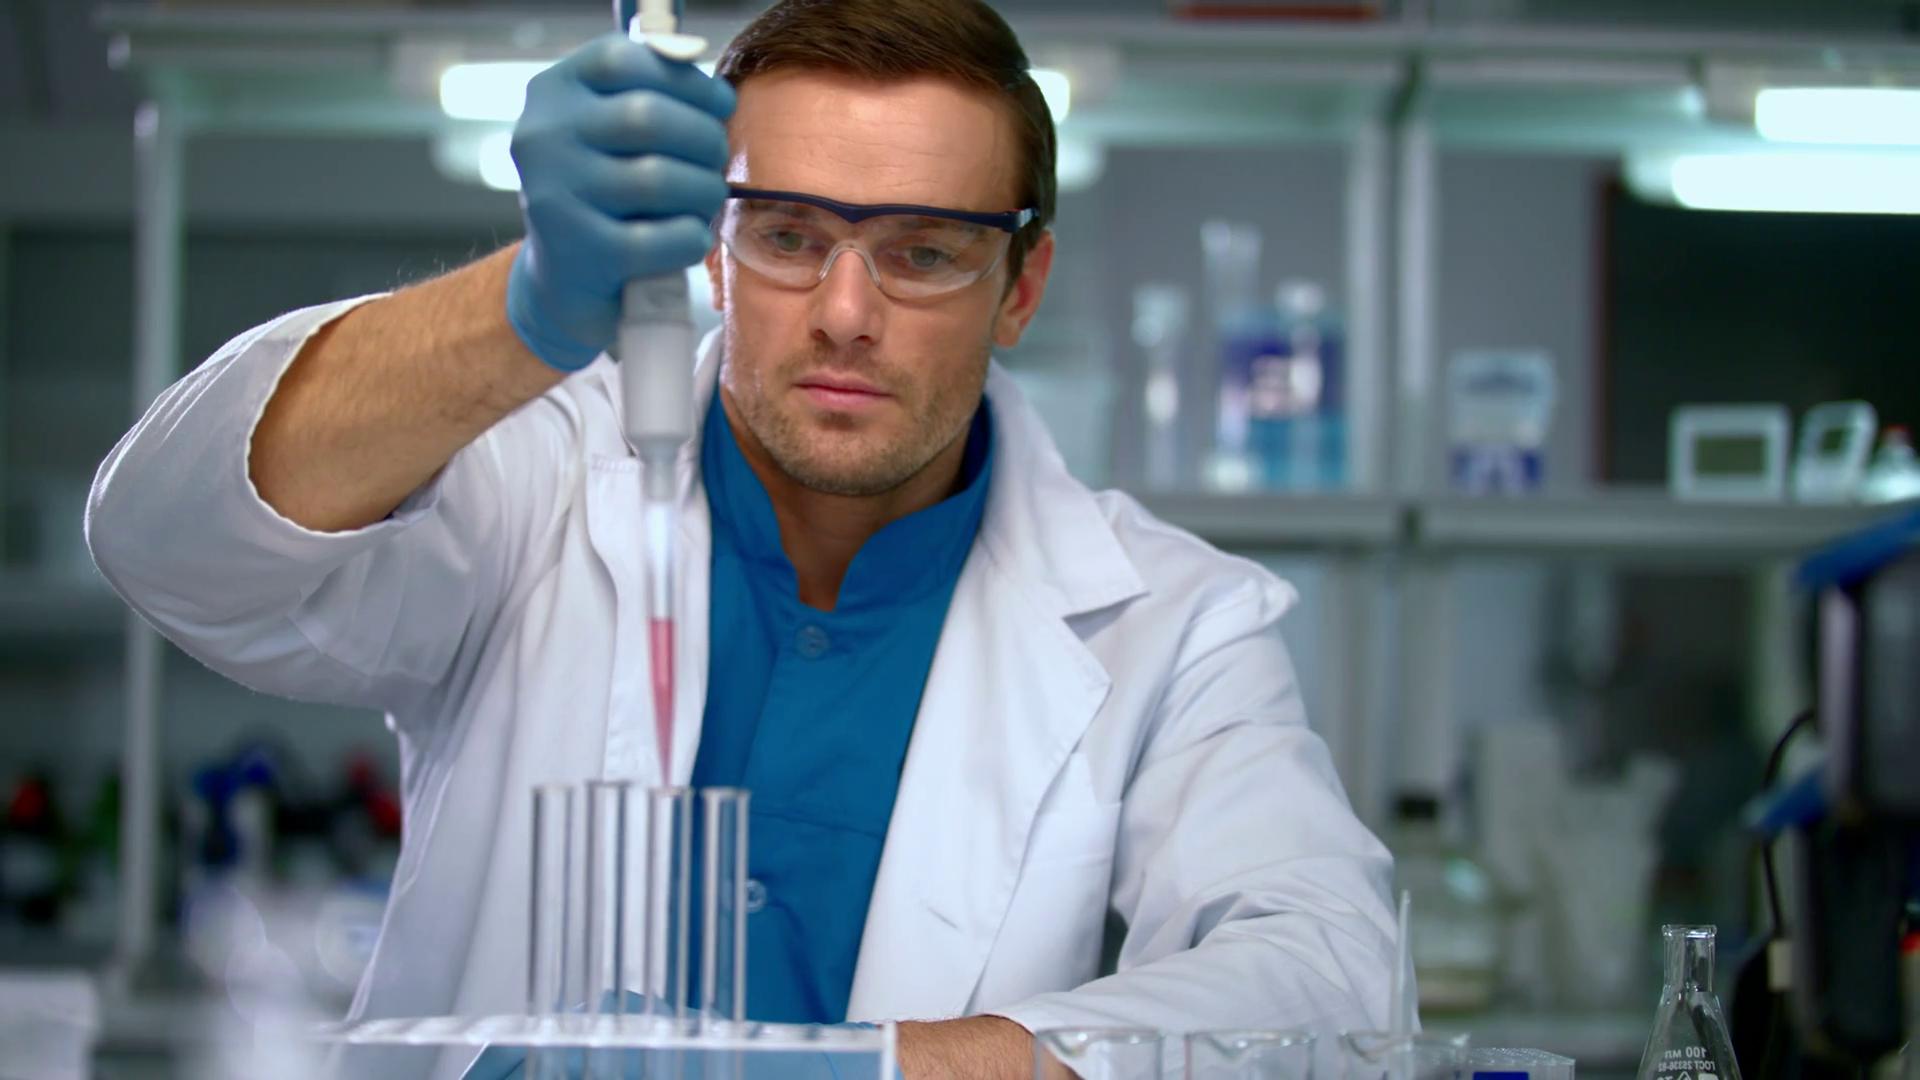 Bilim İnsanları Cinsiyet Kimliğinden Sorumlu Olma İhtimali Olan Geni Buldular!